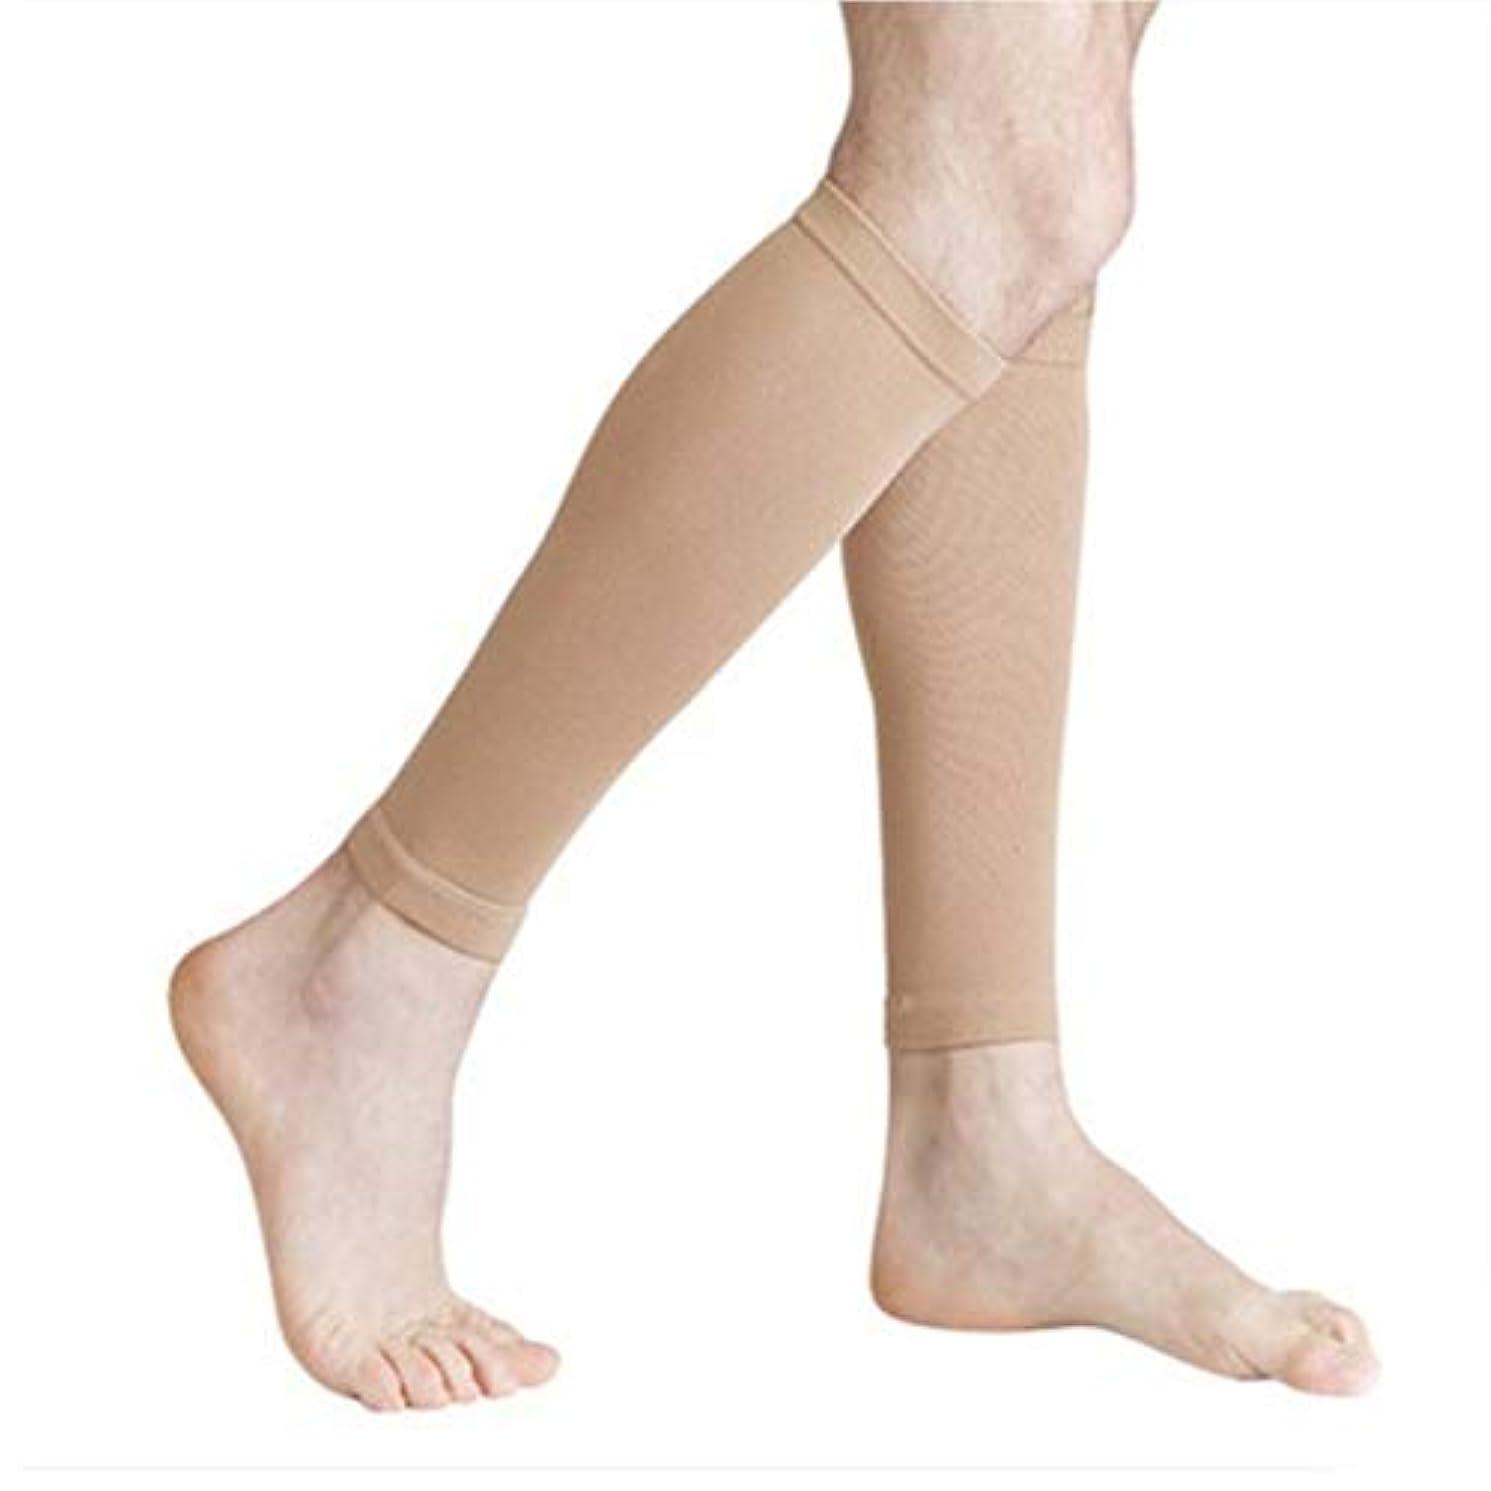 アルコーブスイス人大学生ふくらはぎコンプレッションスリーブ脚コンプレッションソックスシンスプリントふくらはぎの痛みを軽減メンズランニング用サイクリング女性用スリーブ-スキン